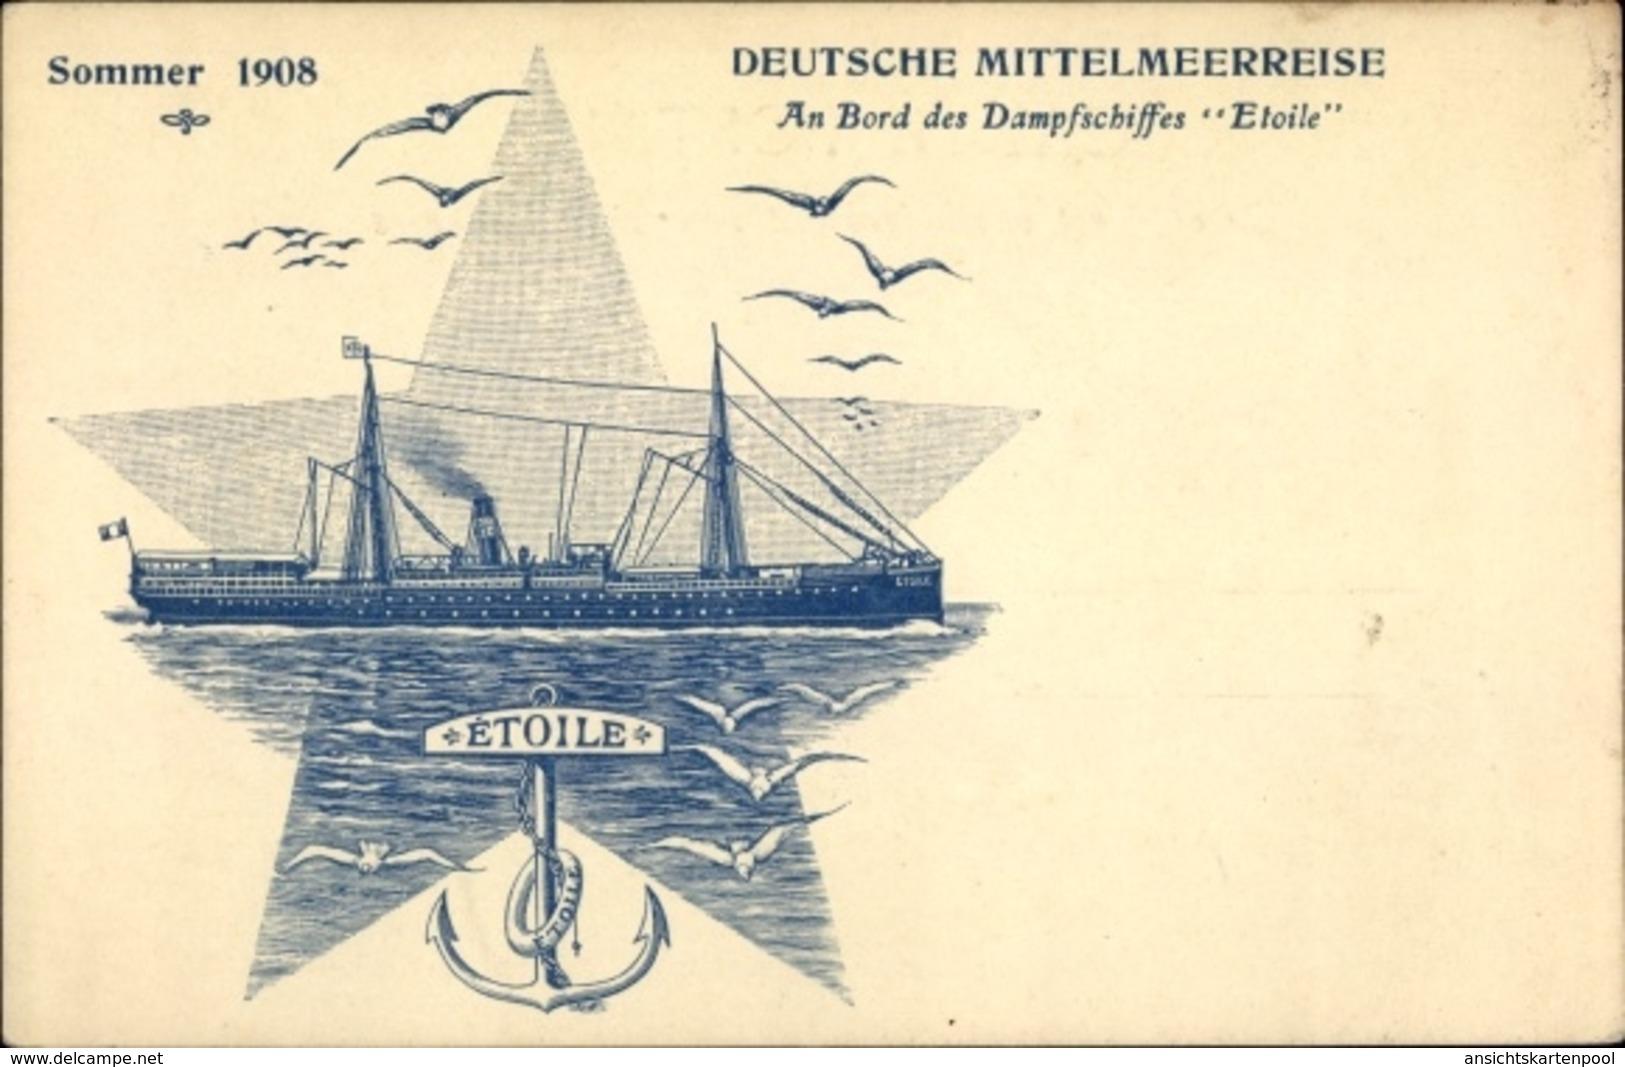 Artiste Cp Deutsche Mittelmeerreise, Dampfschiff Etoile - Bateaux